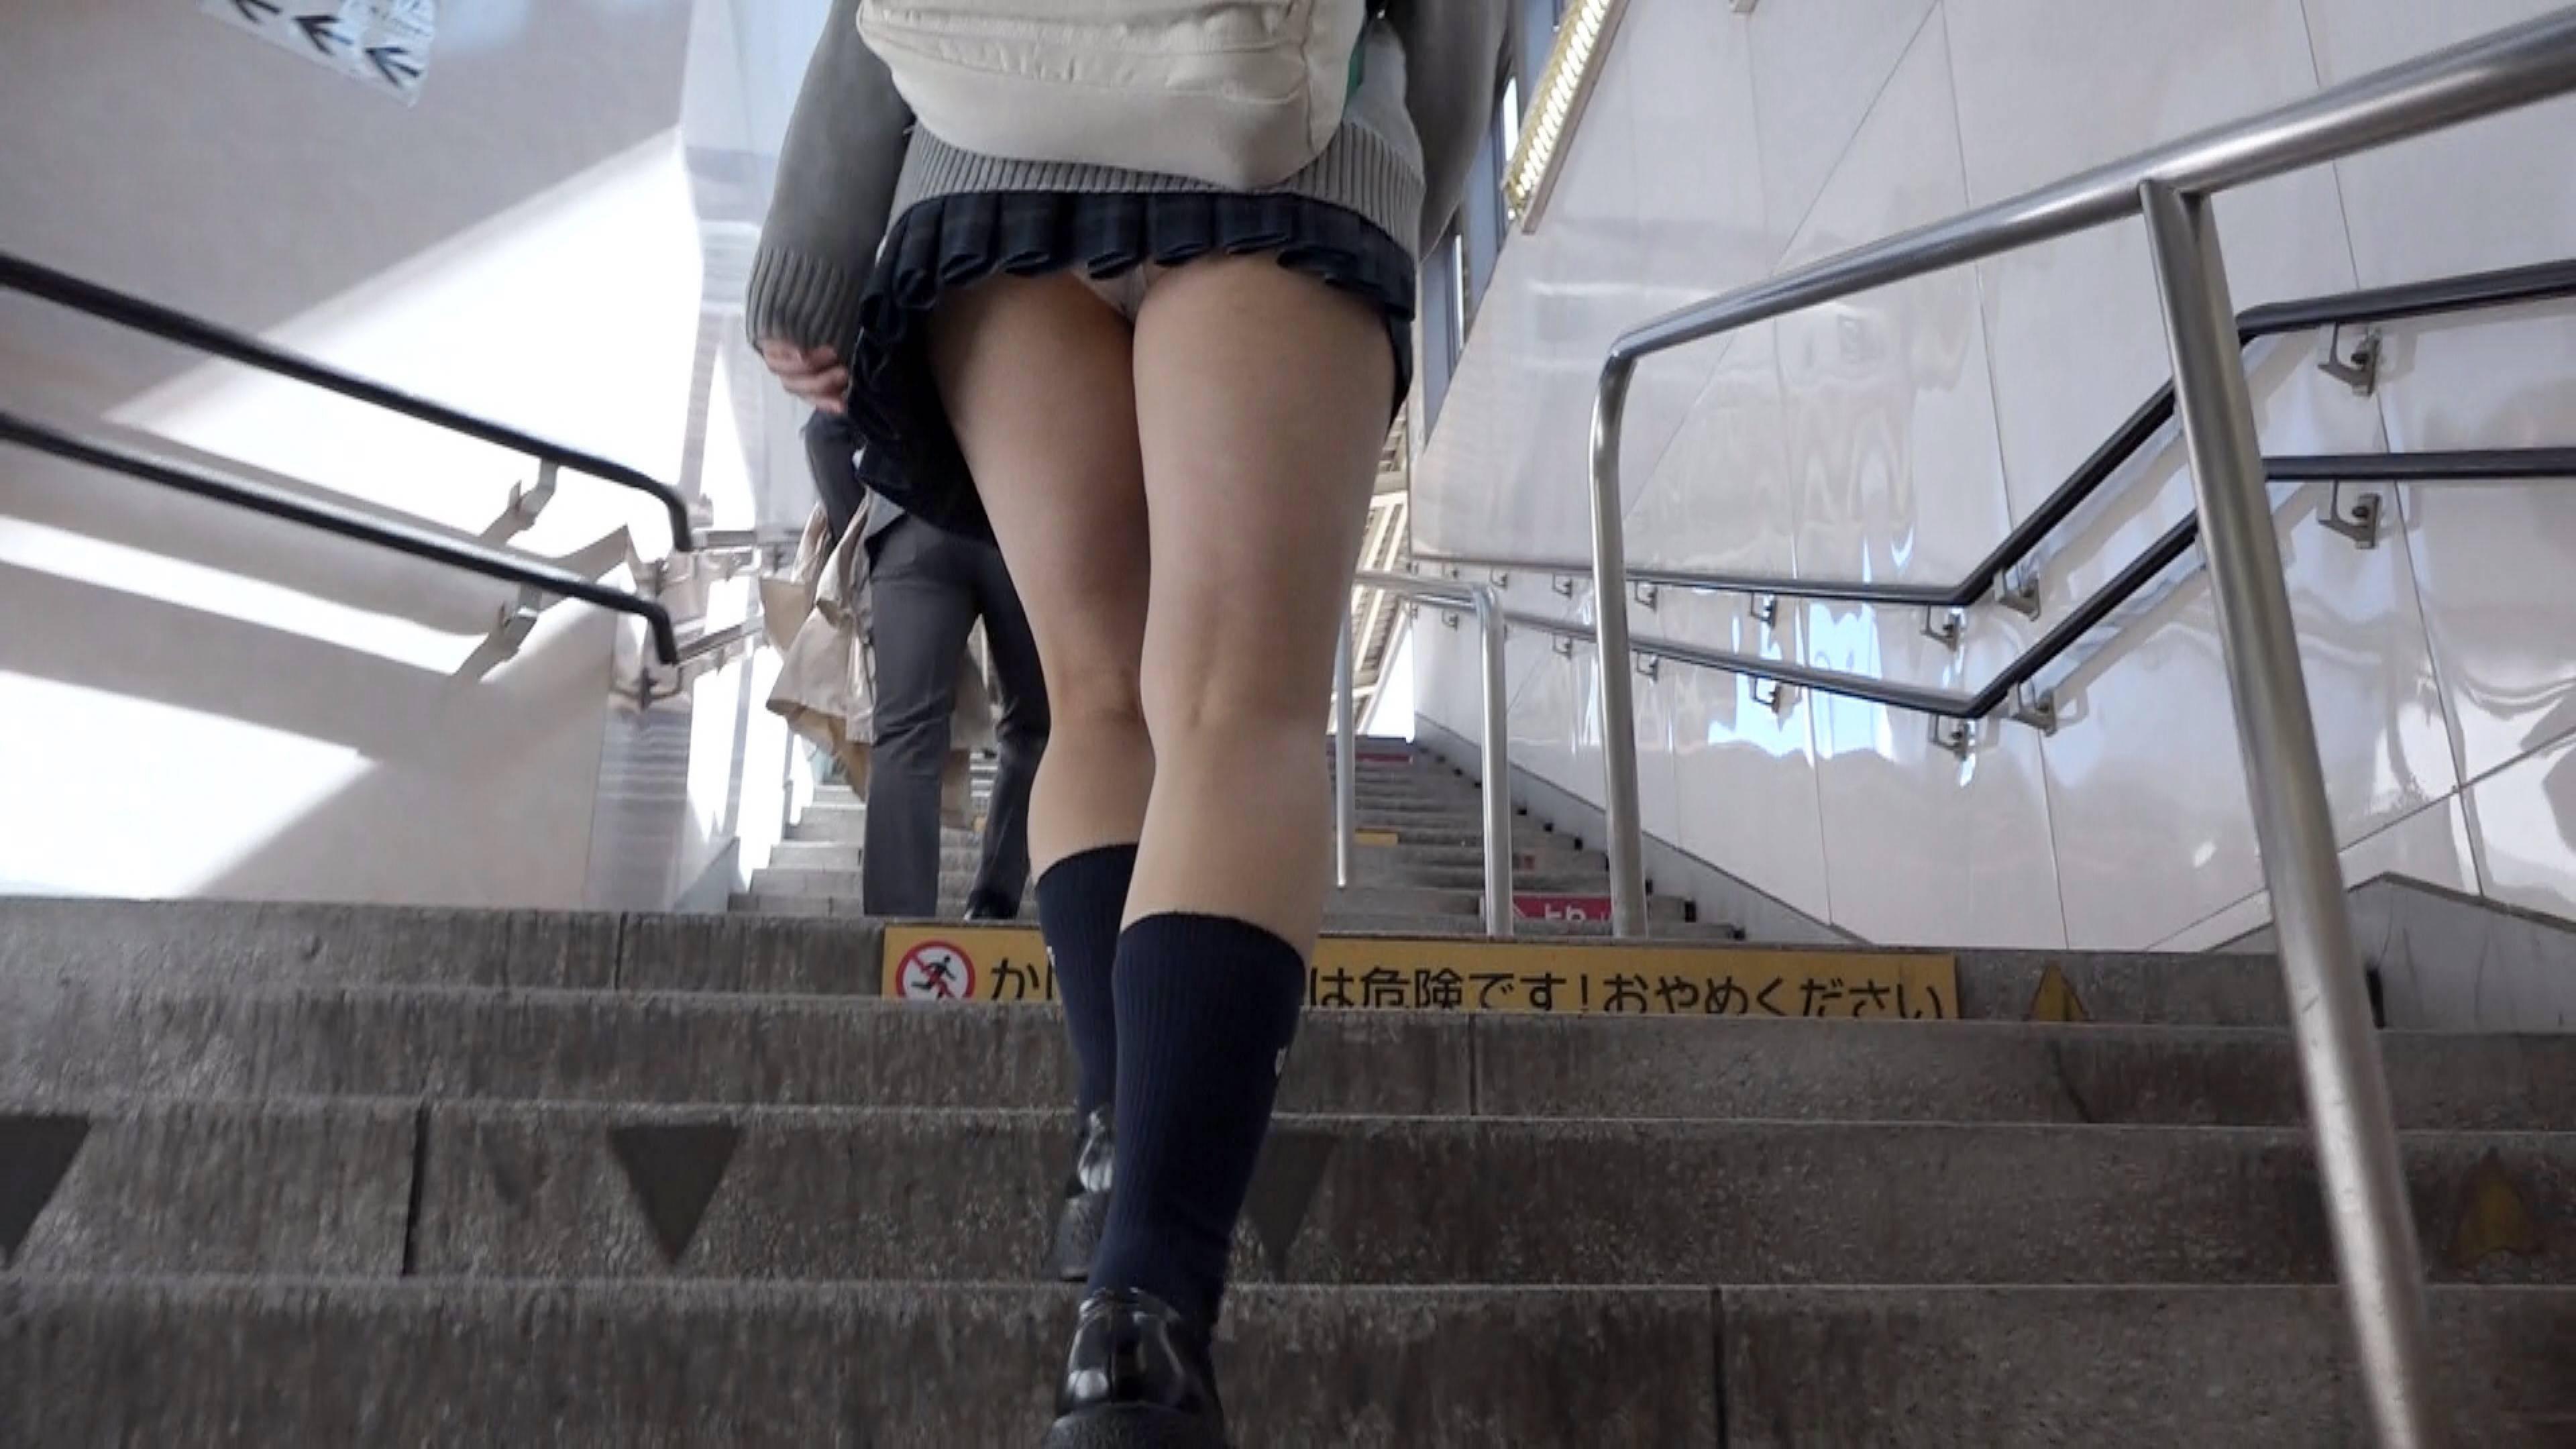 女子高生の太ももとパンチラのコラボ画像スレwwwwwwww GoHcDR3